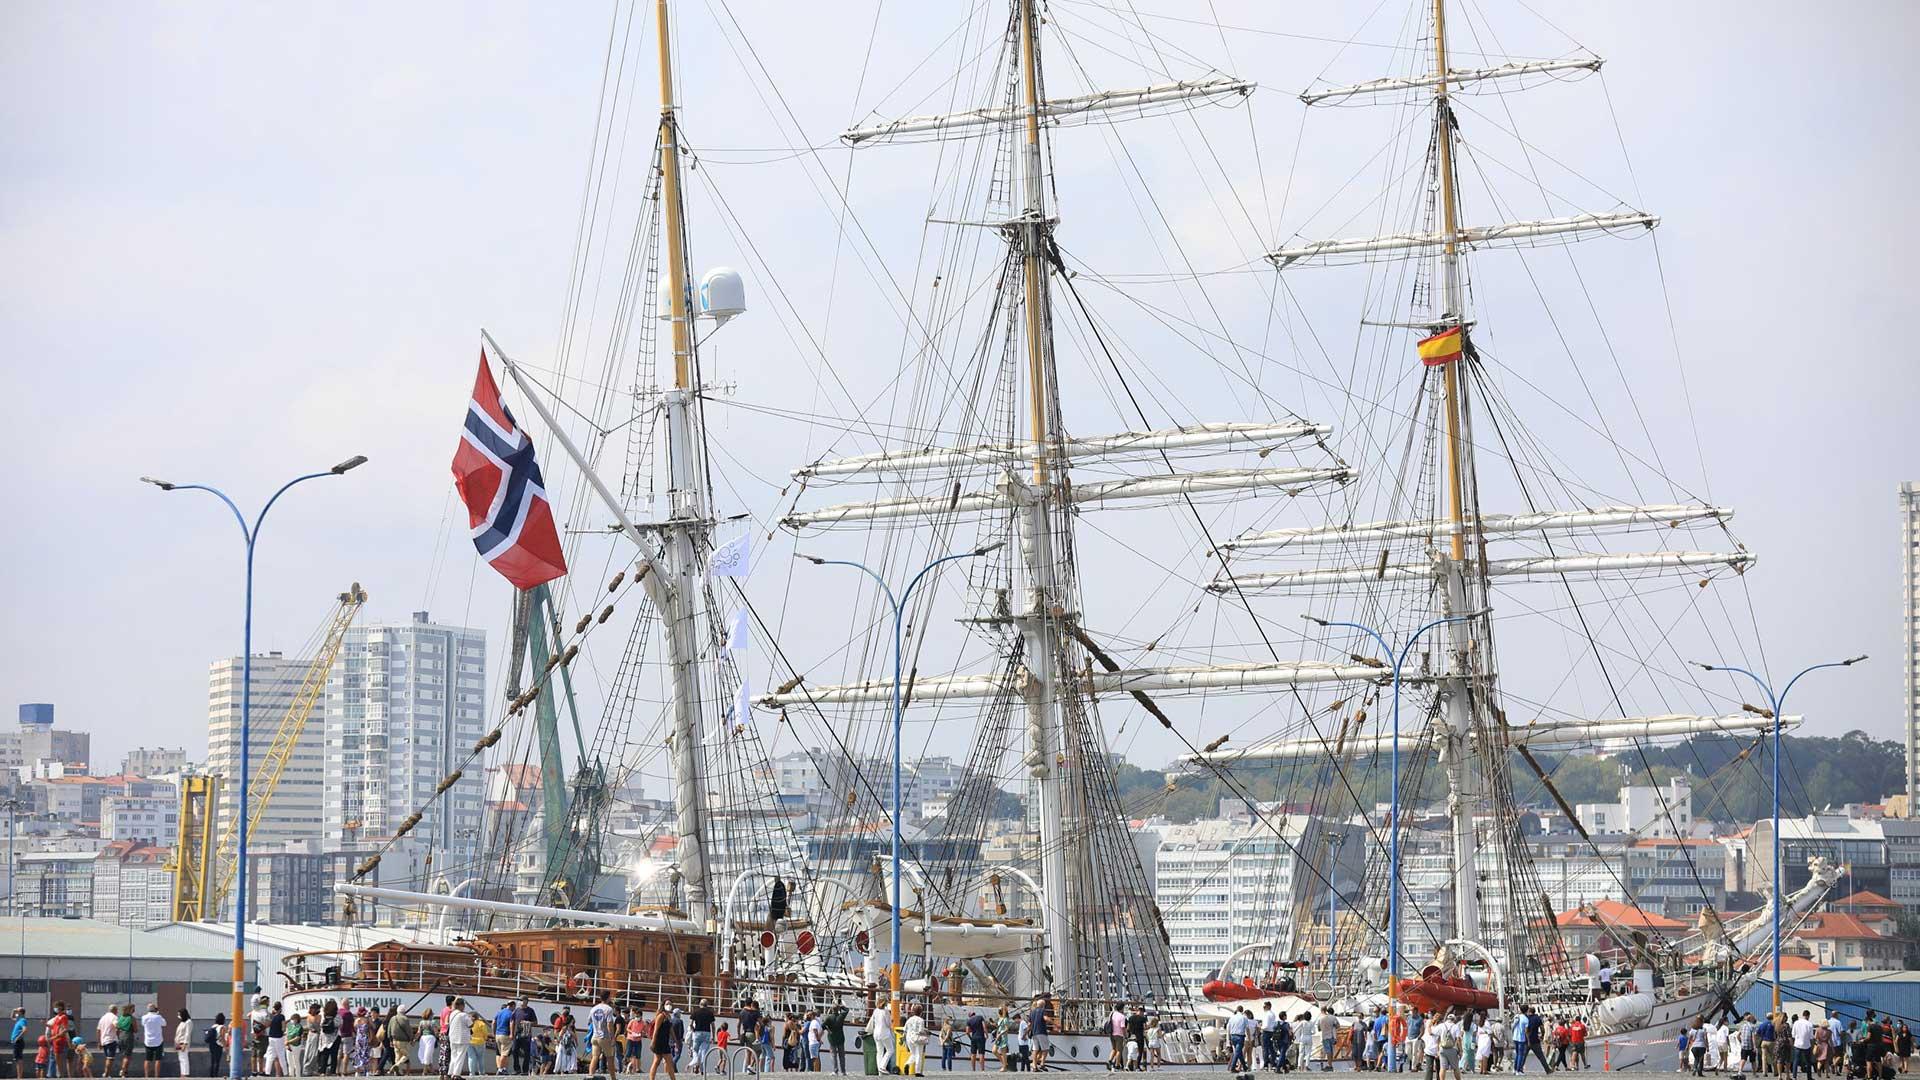 Un simulacro de rescate del Helimer y tres veleros singulares congregan a centenares de personas en el puerto de La Coruña